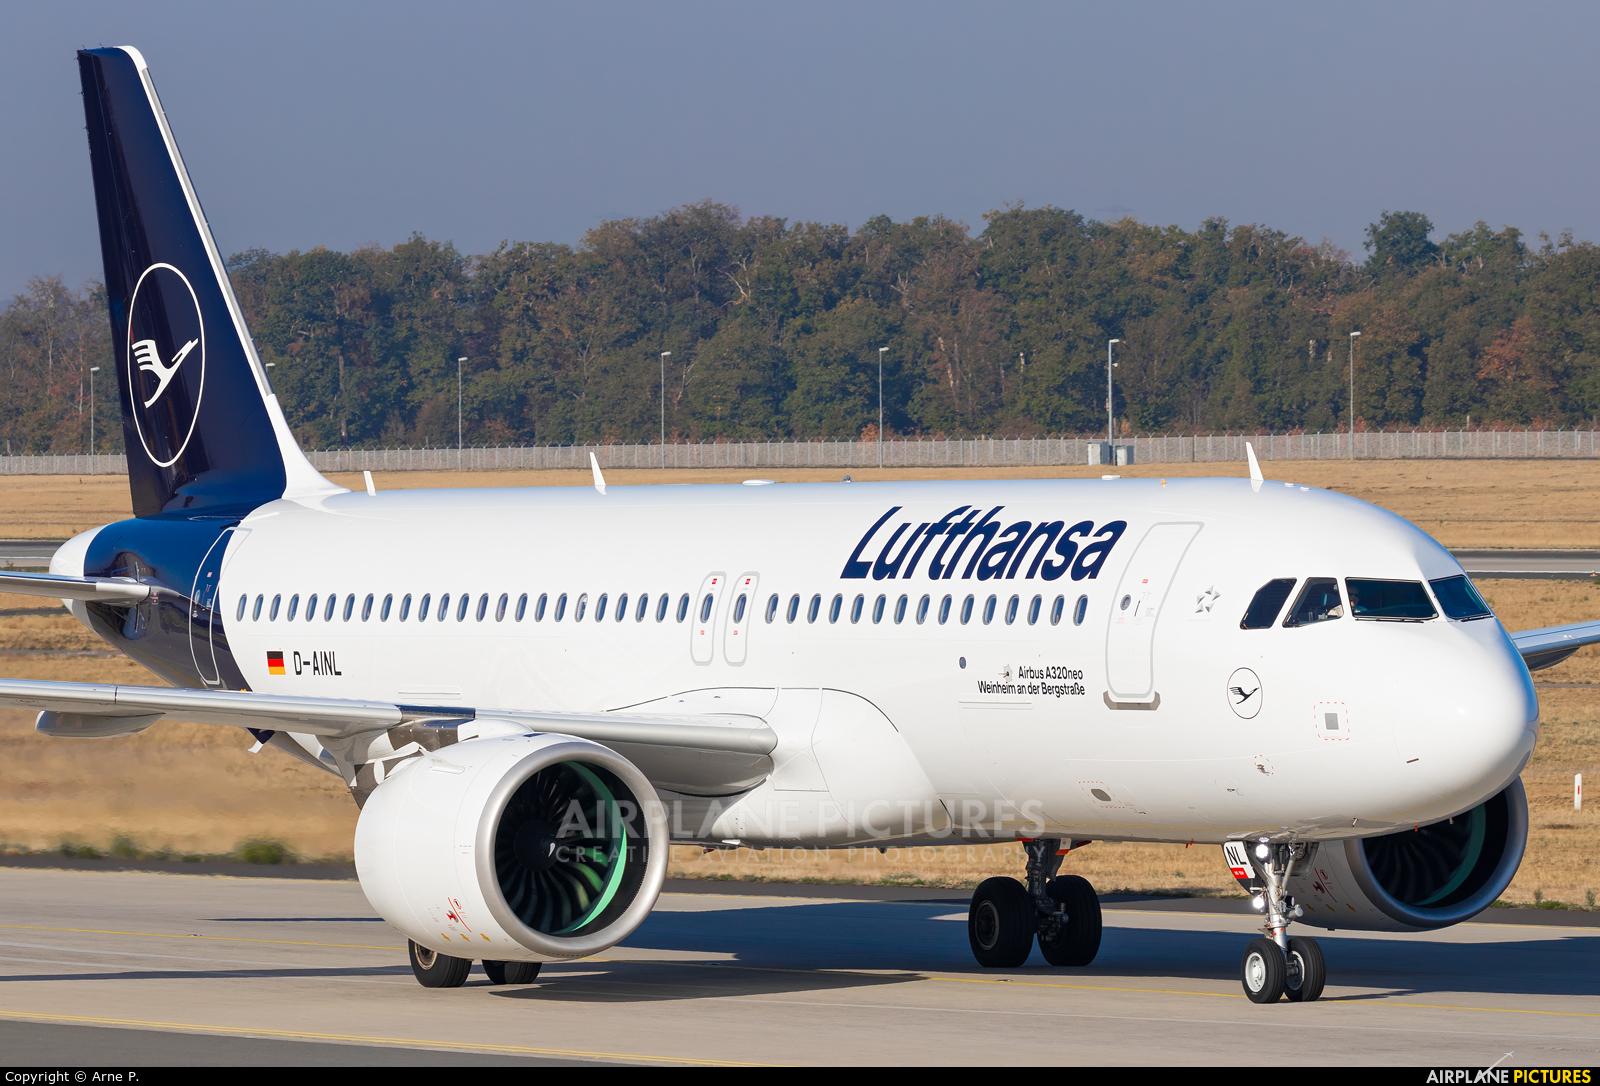 Lufthansa D-AINL aircraft at Frankfurt